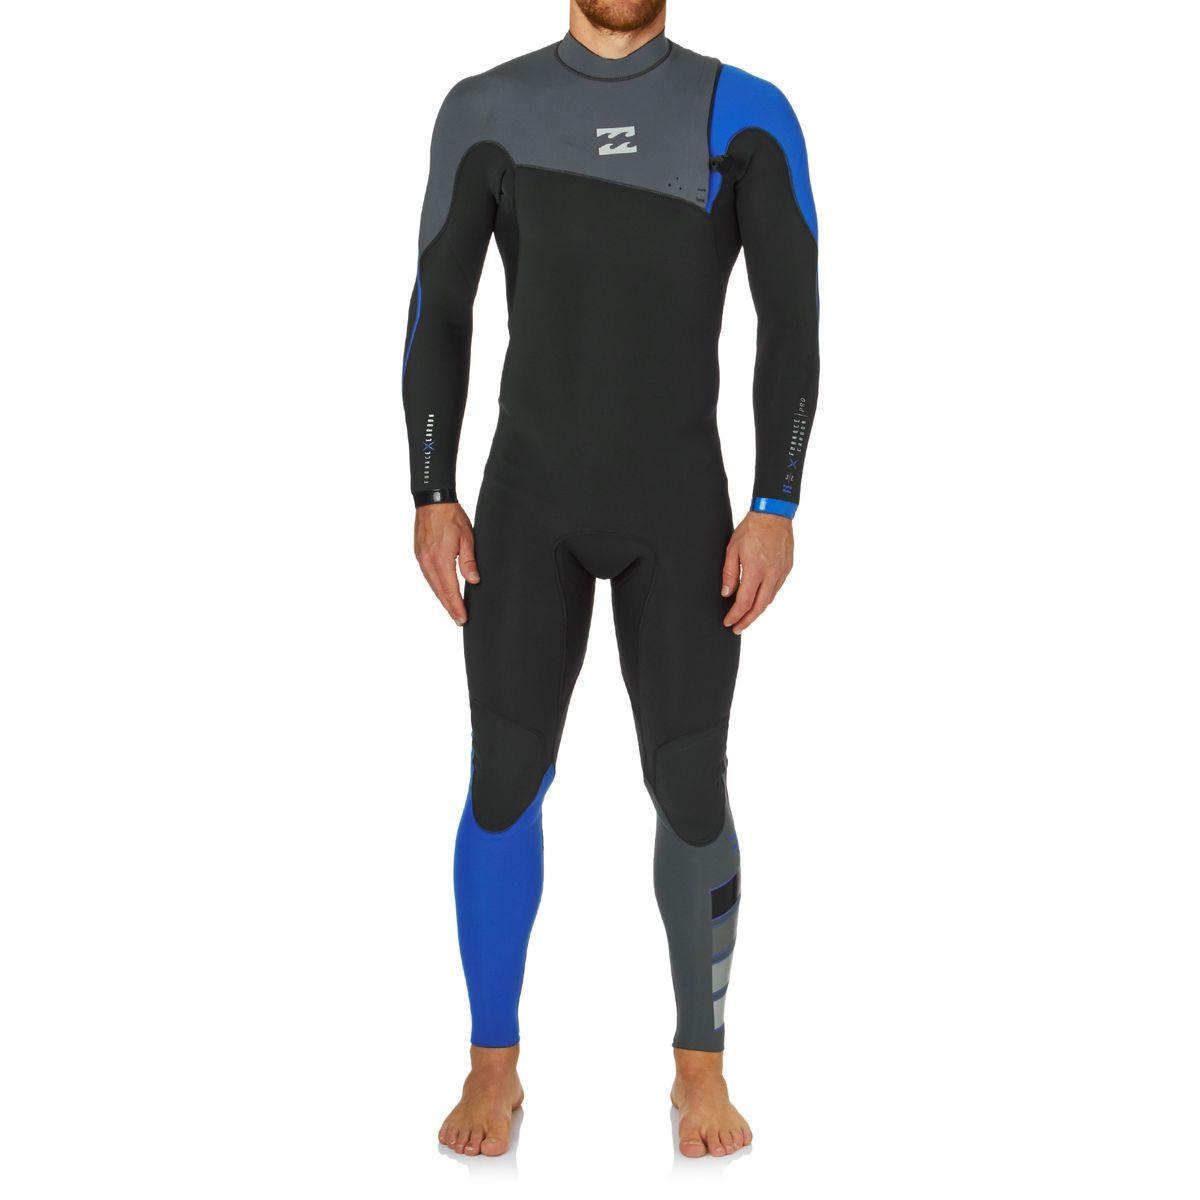 Billabong Furn Pro 3/2mm 2017 Zipperless Wetsuit - Ocean